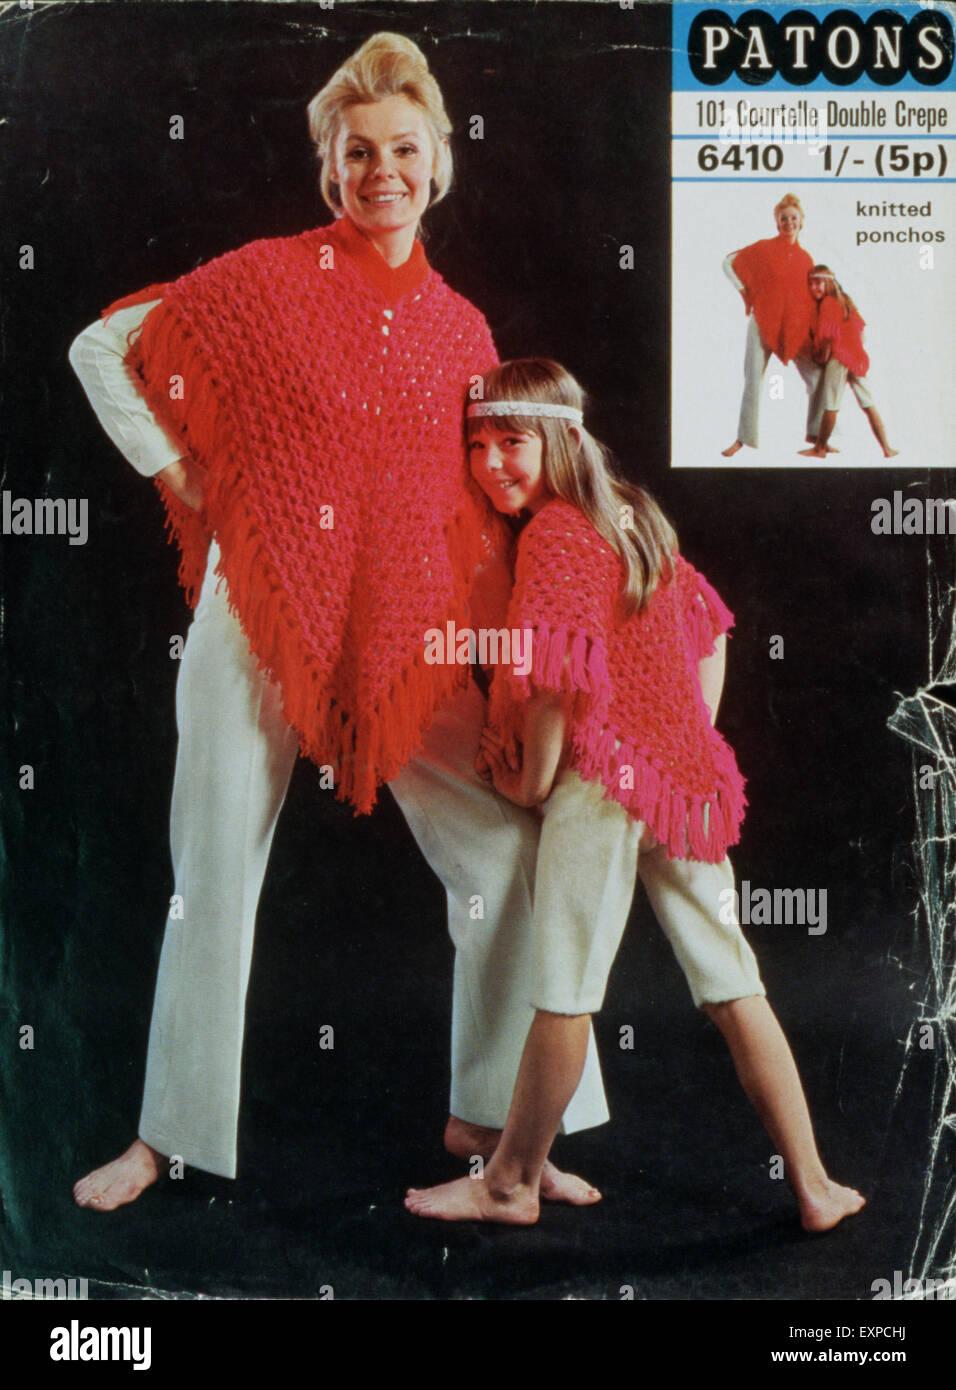 1960s UK Patons Knitting Patterns Stock Photo: 85315374 - Alamy